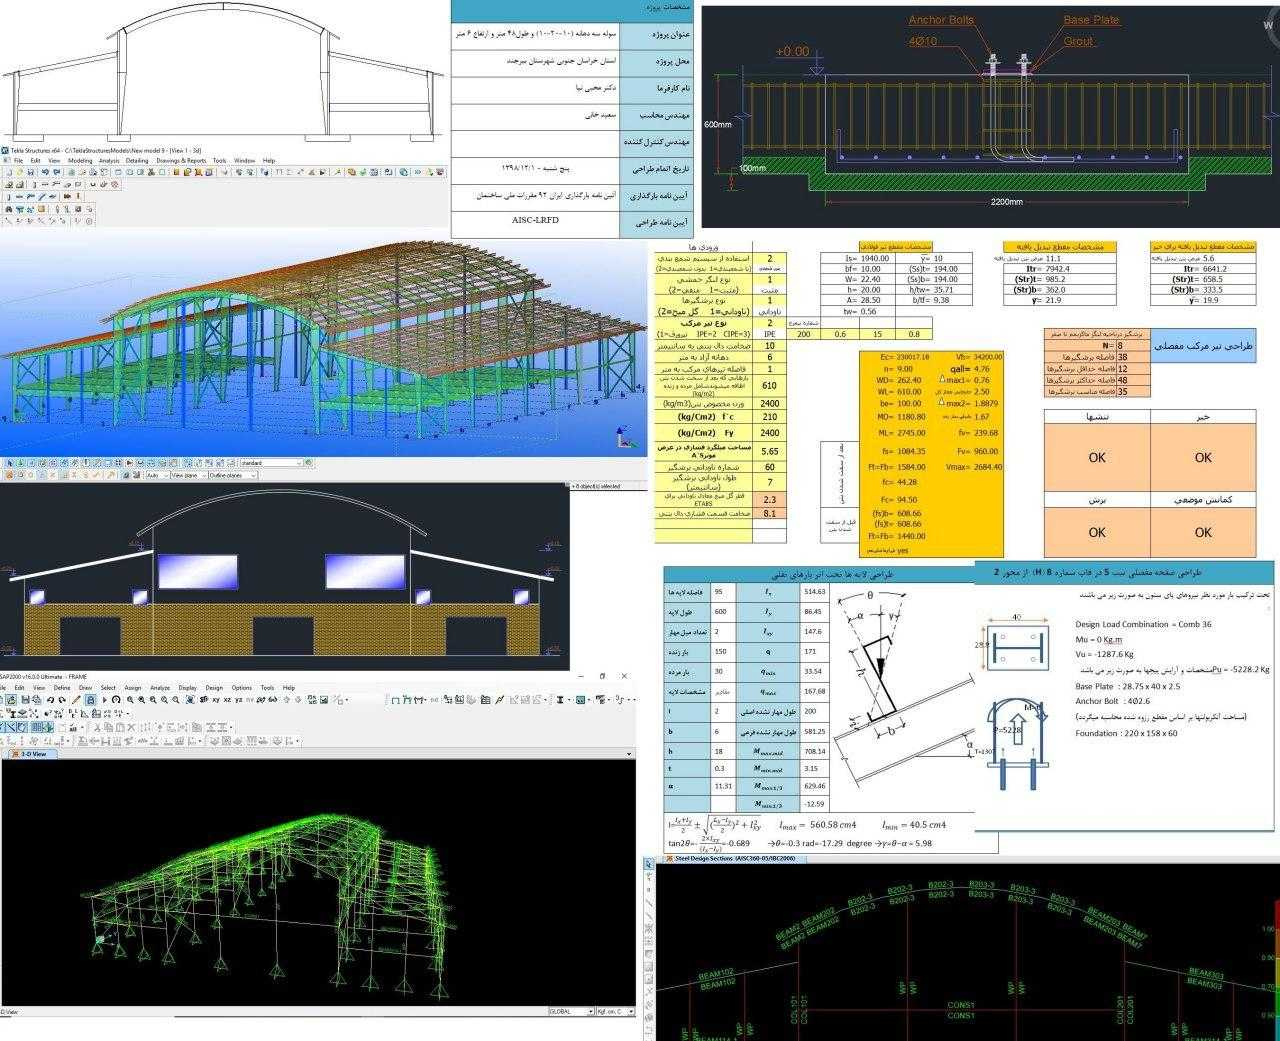 تصویری از خروجی نرم افزار های CSI SAP2000 سوله پرداز TEKLA و CSI SAFE و EXCEL